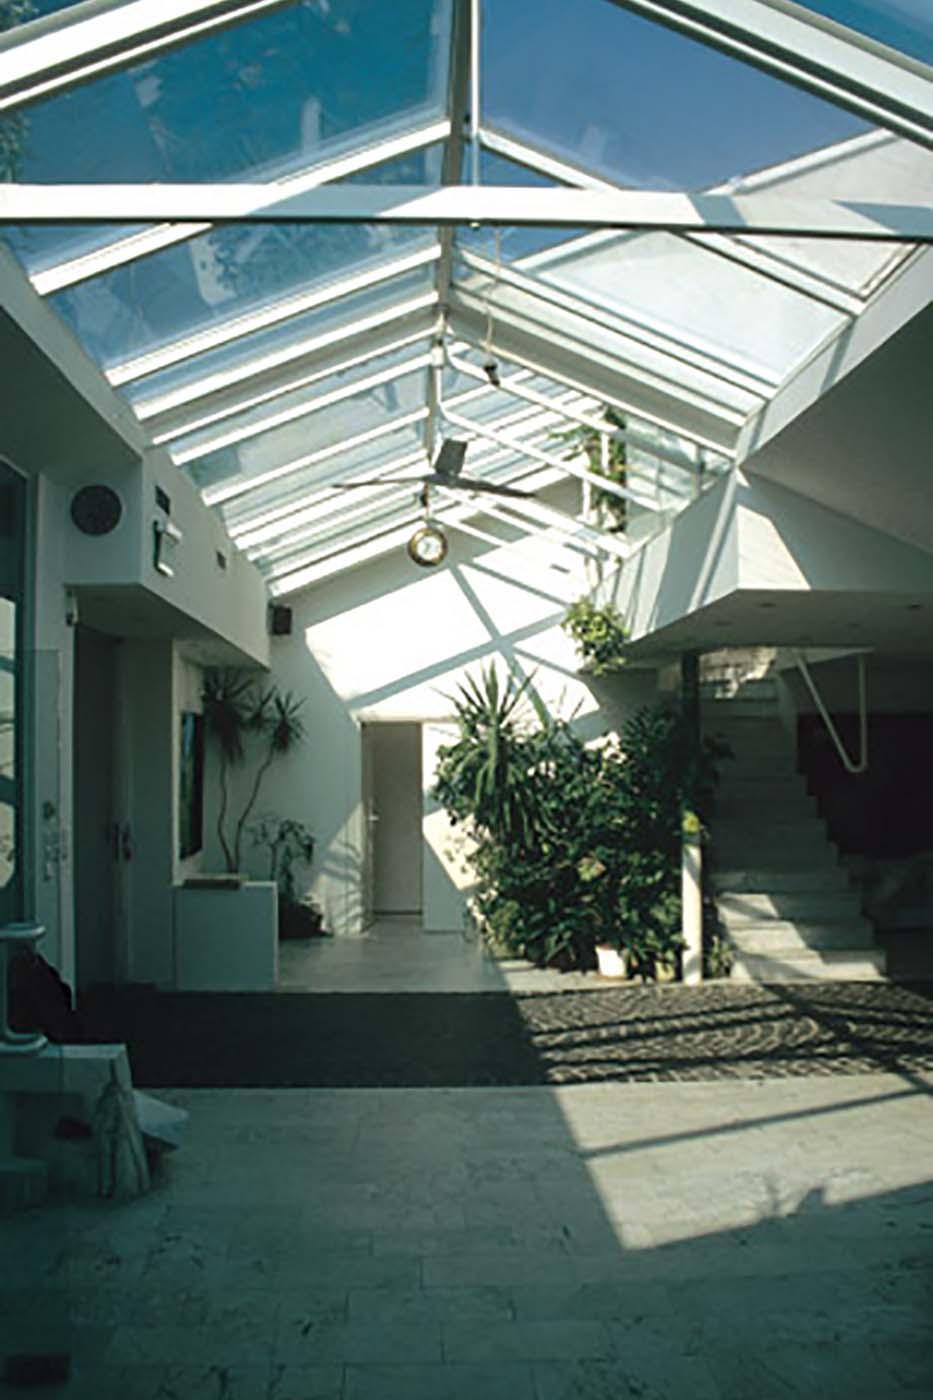 44_Internationales Kuenstlerzentrum 695 [1989]